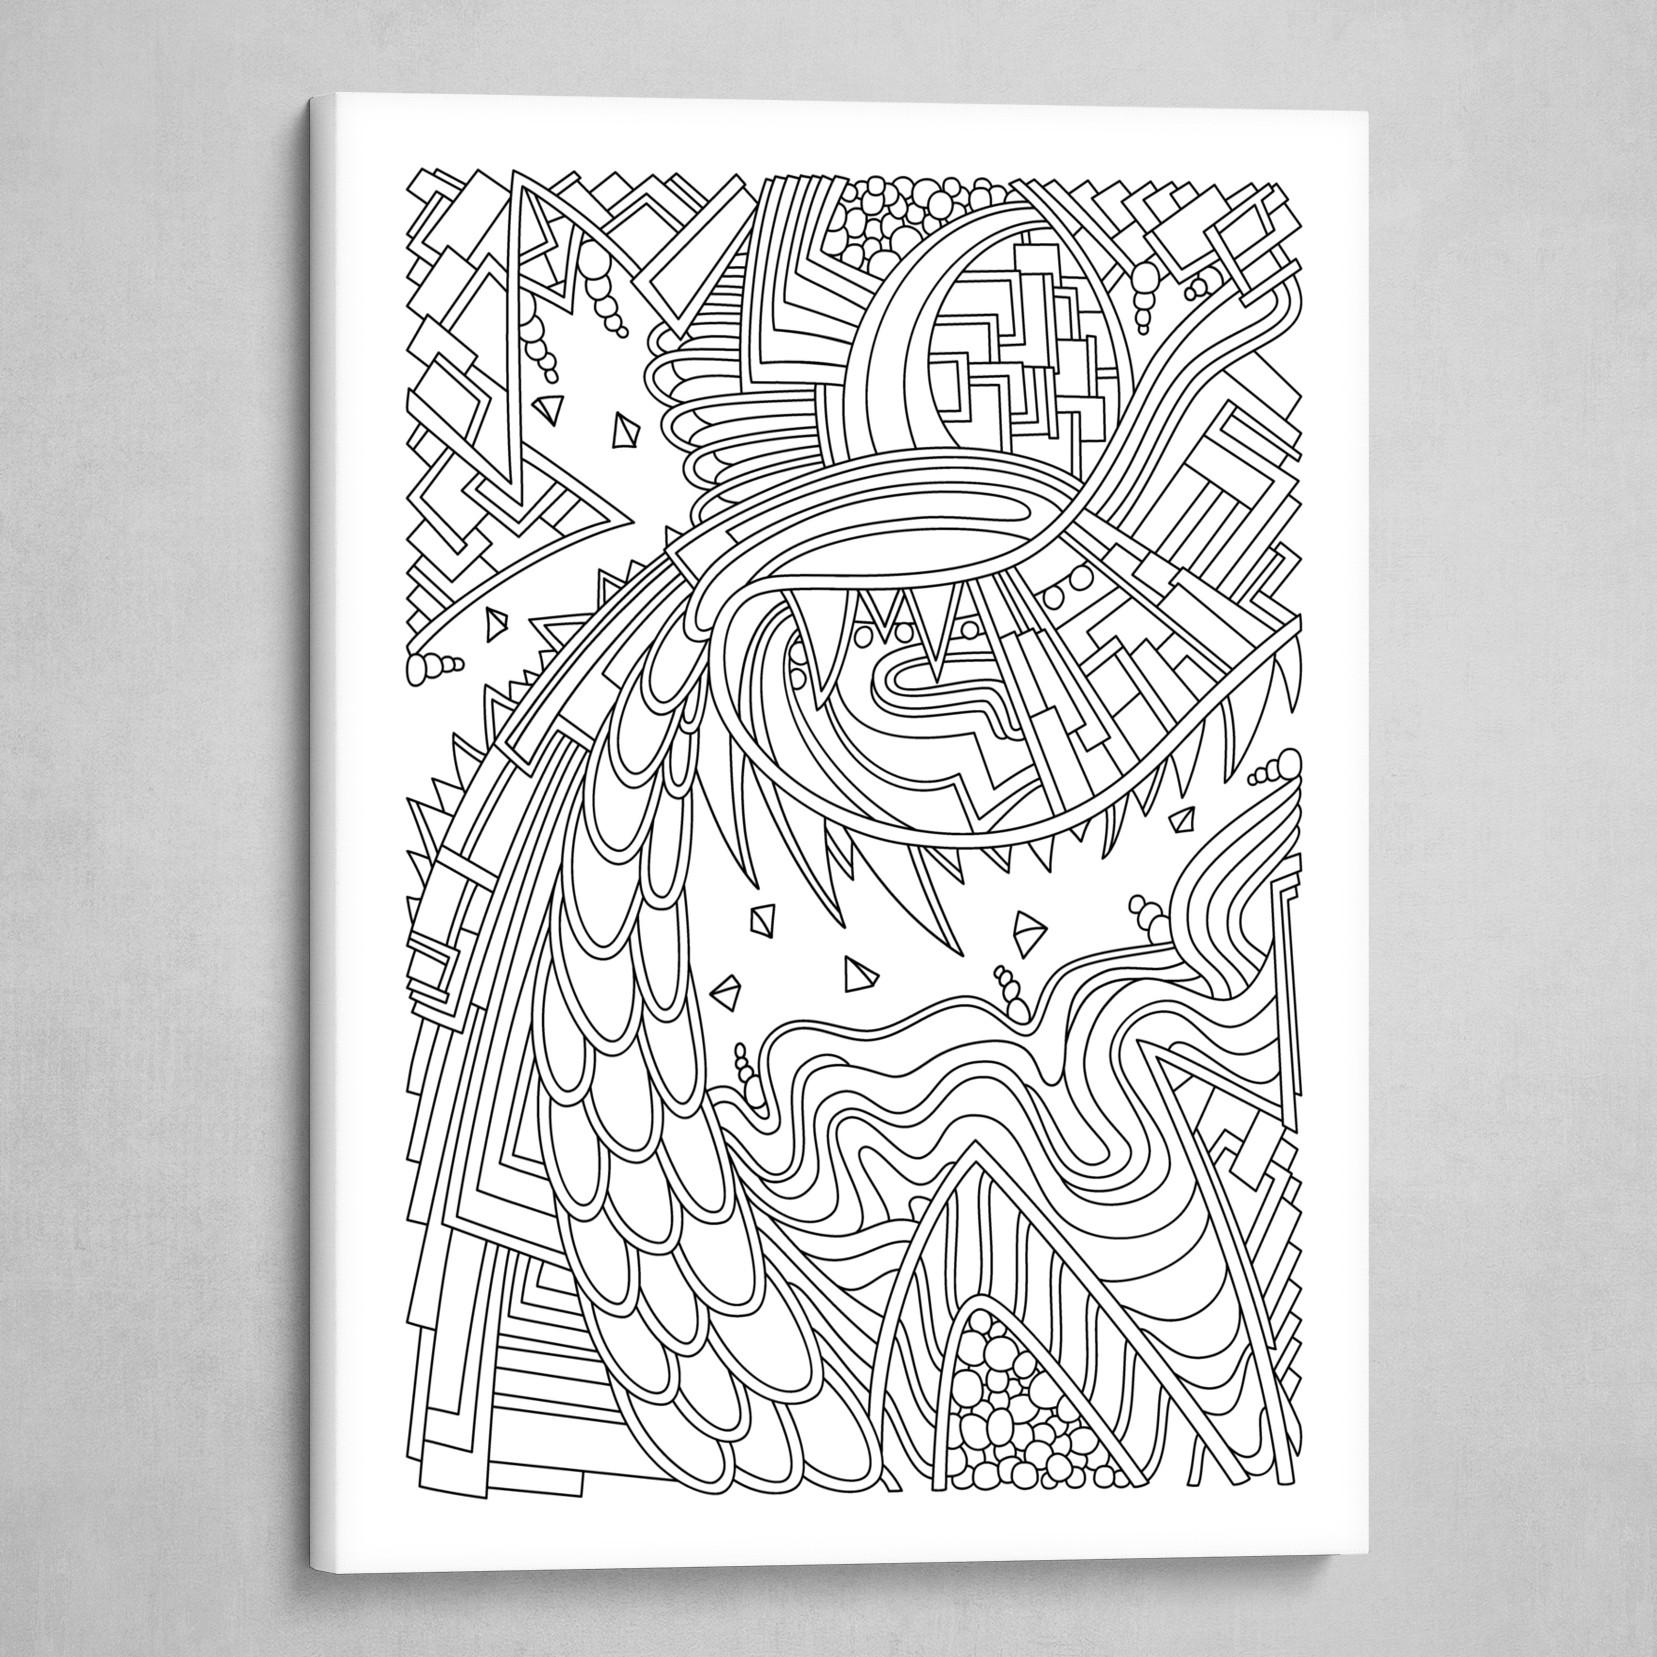 Wandering 49: black & white line art